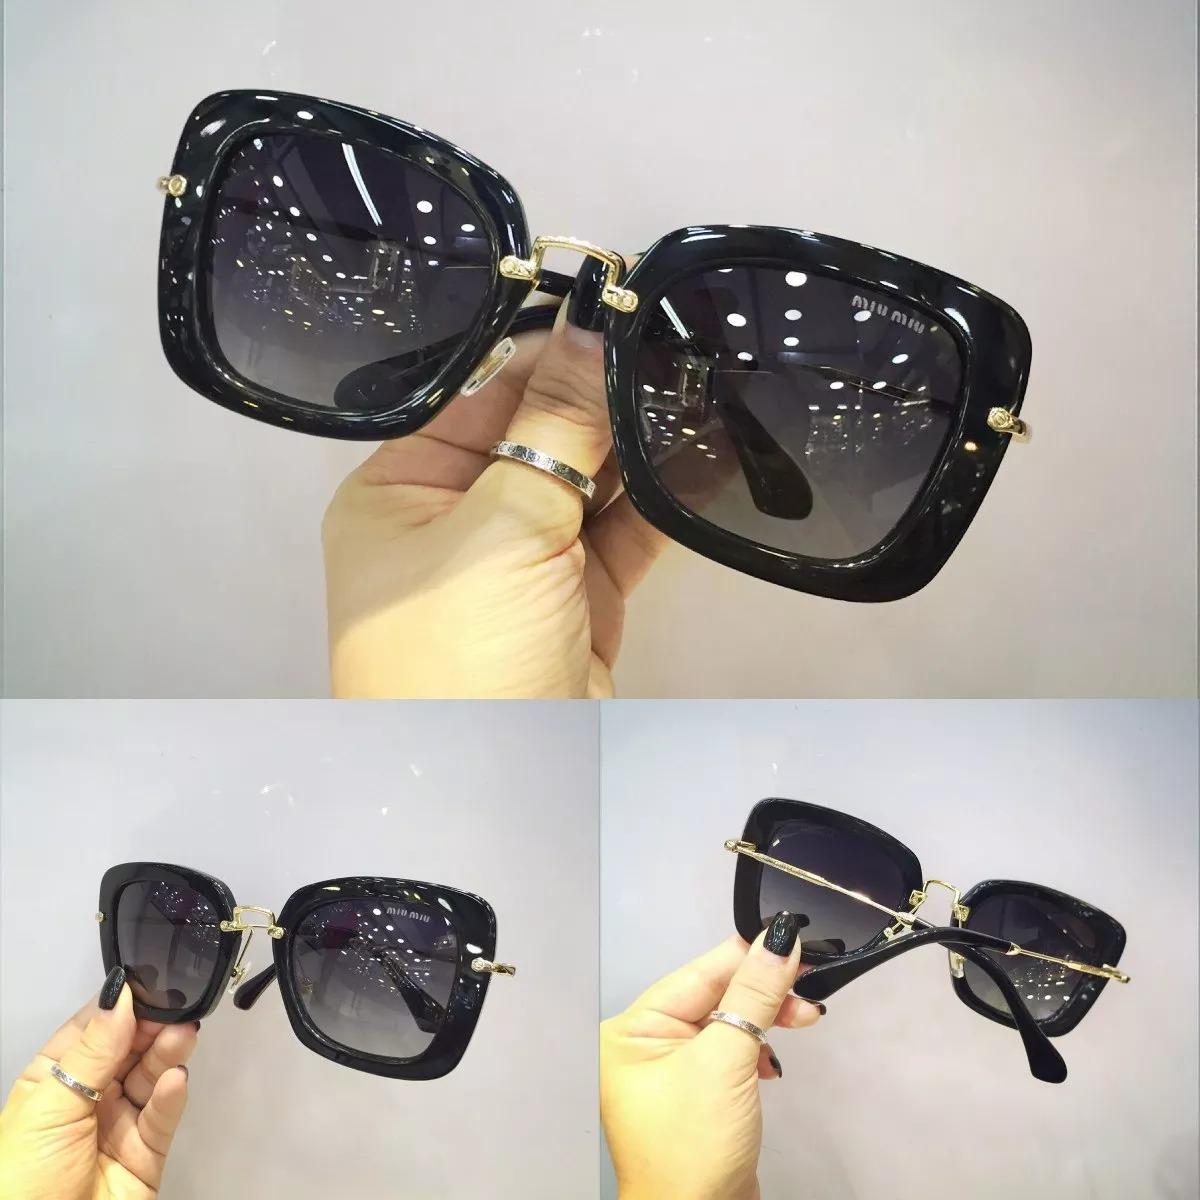 Óculos De Sol Feminino 070 Preto E Tartaruga - R  569,00 em Mercado ... 27ed225d5a